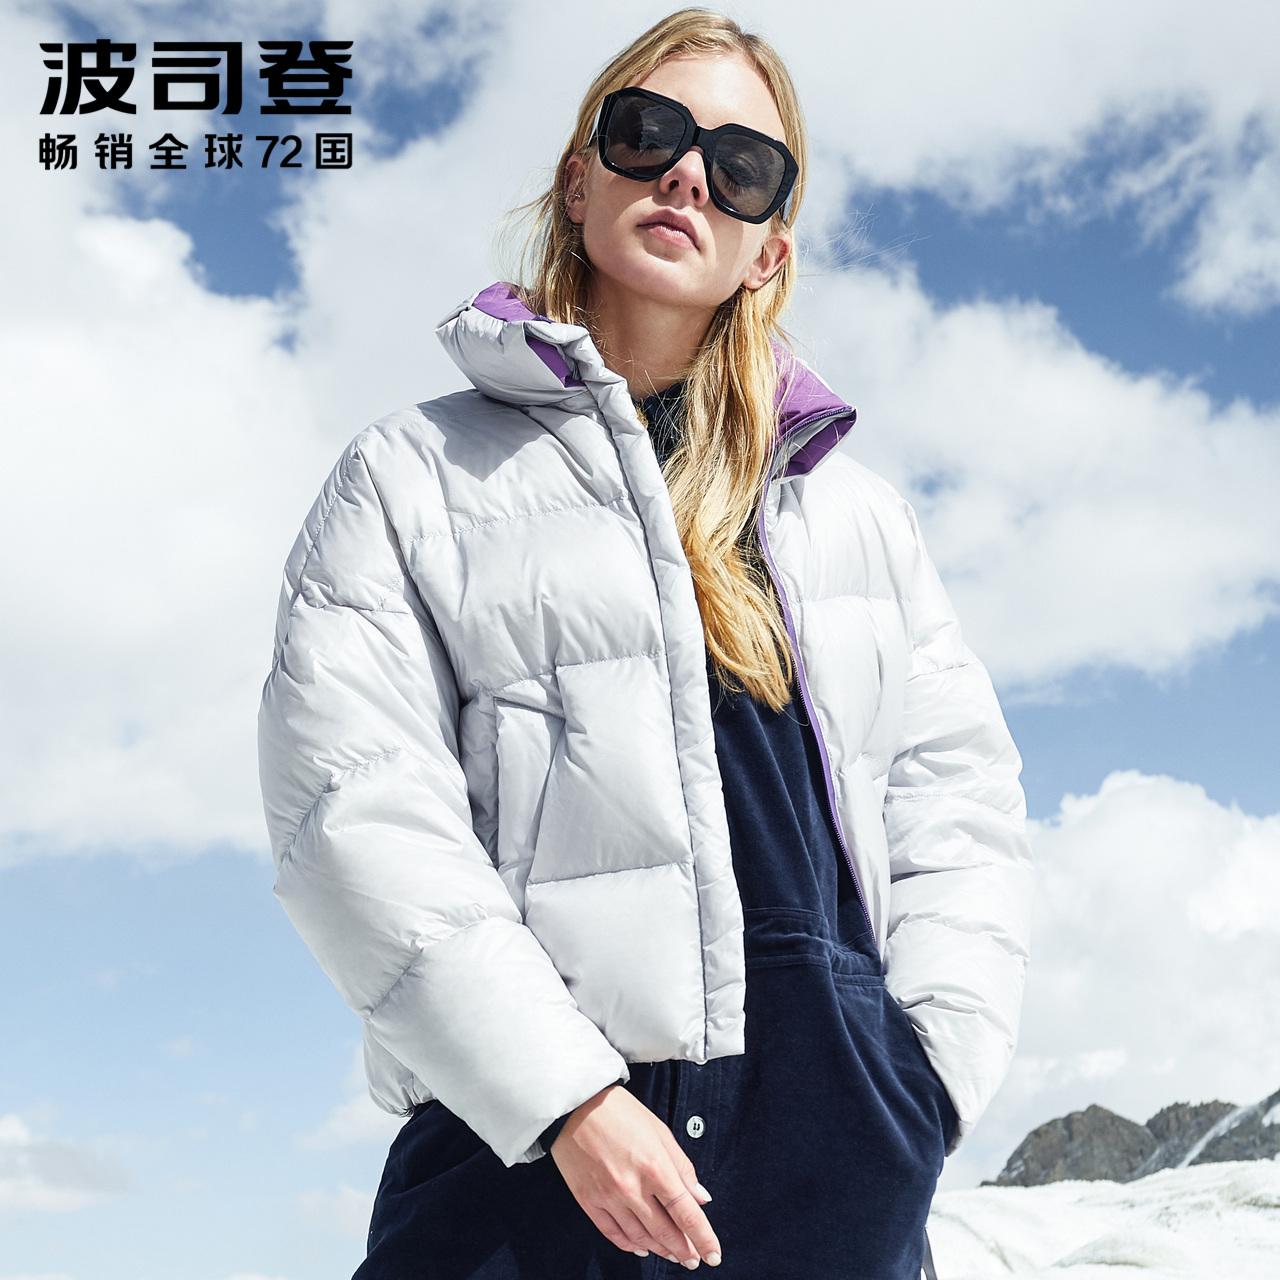 波司登羽绒服女短款2018冬季新款加厚白鹅绒韩版时尚潮宽松正品